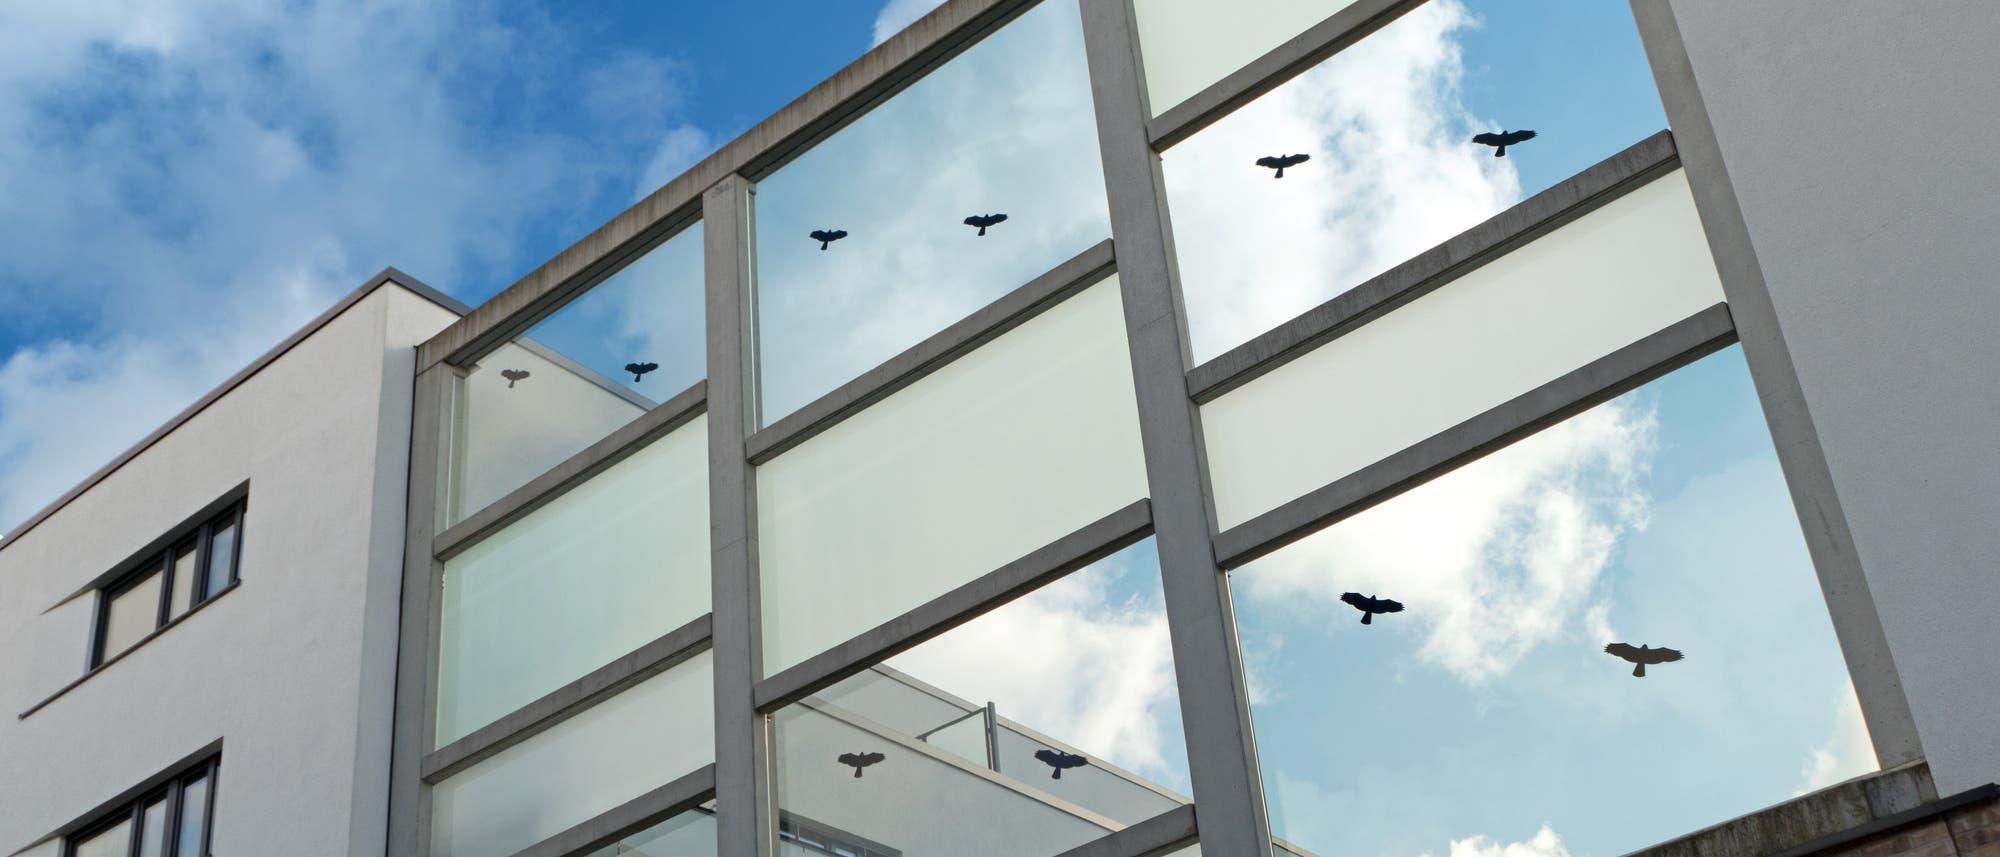 Fenster mit Vogelsilhouetten